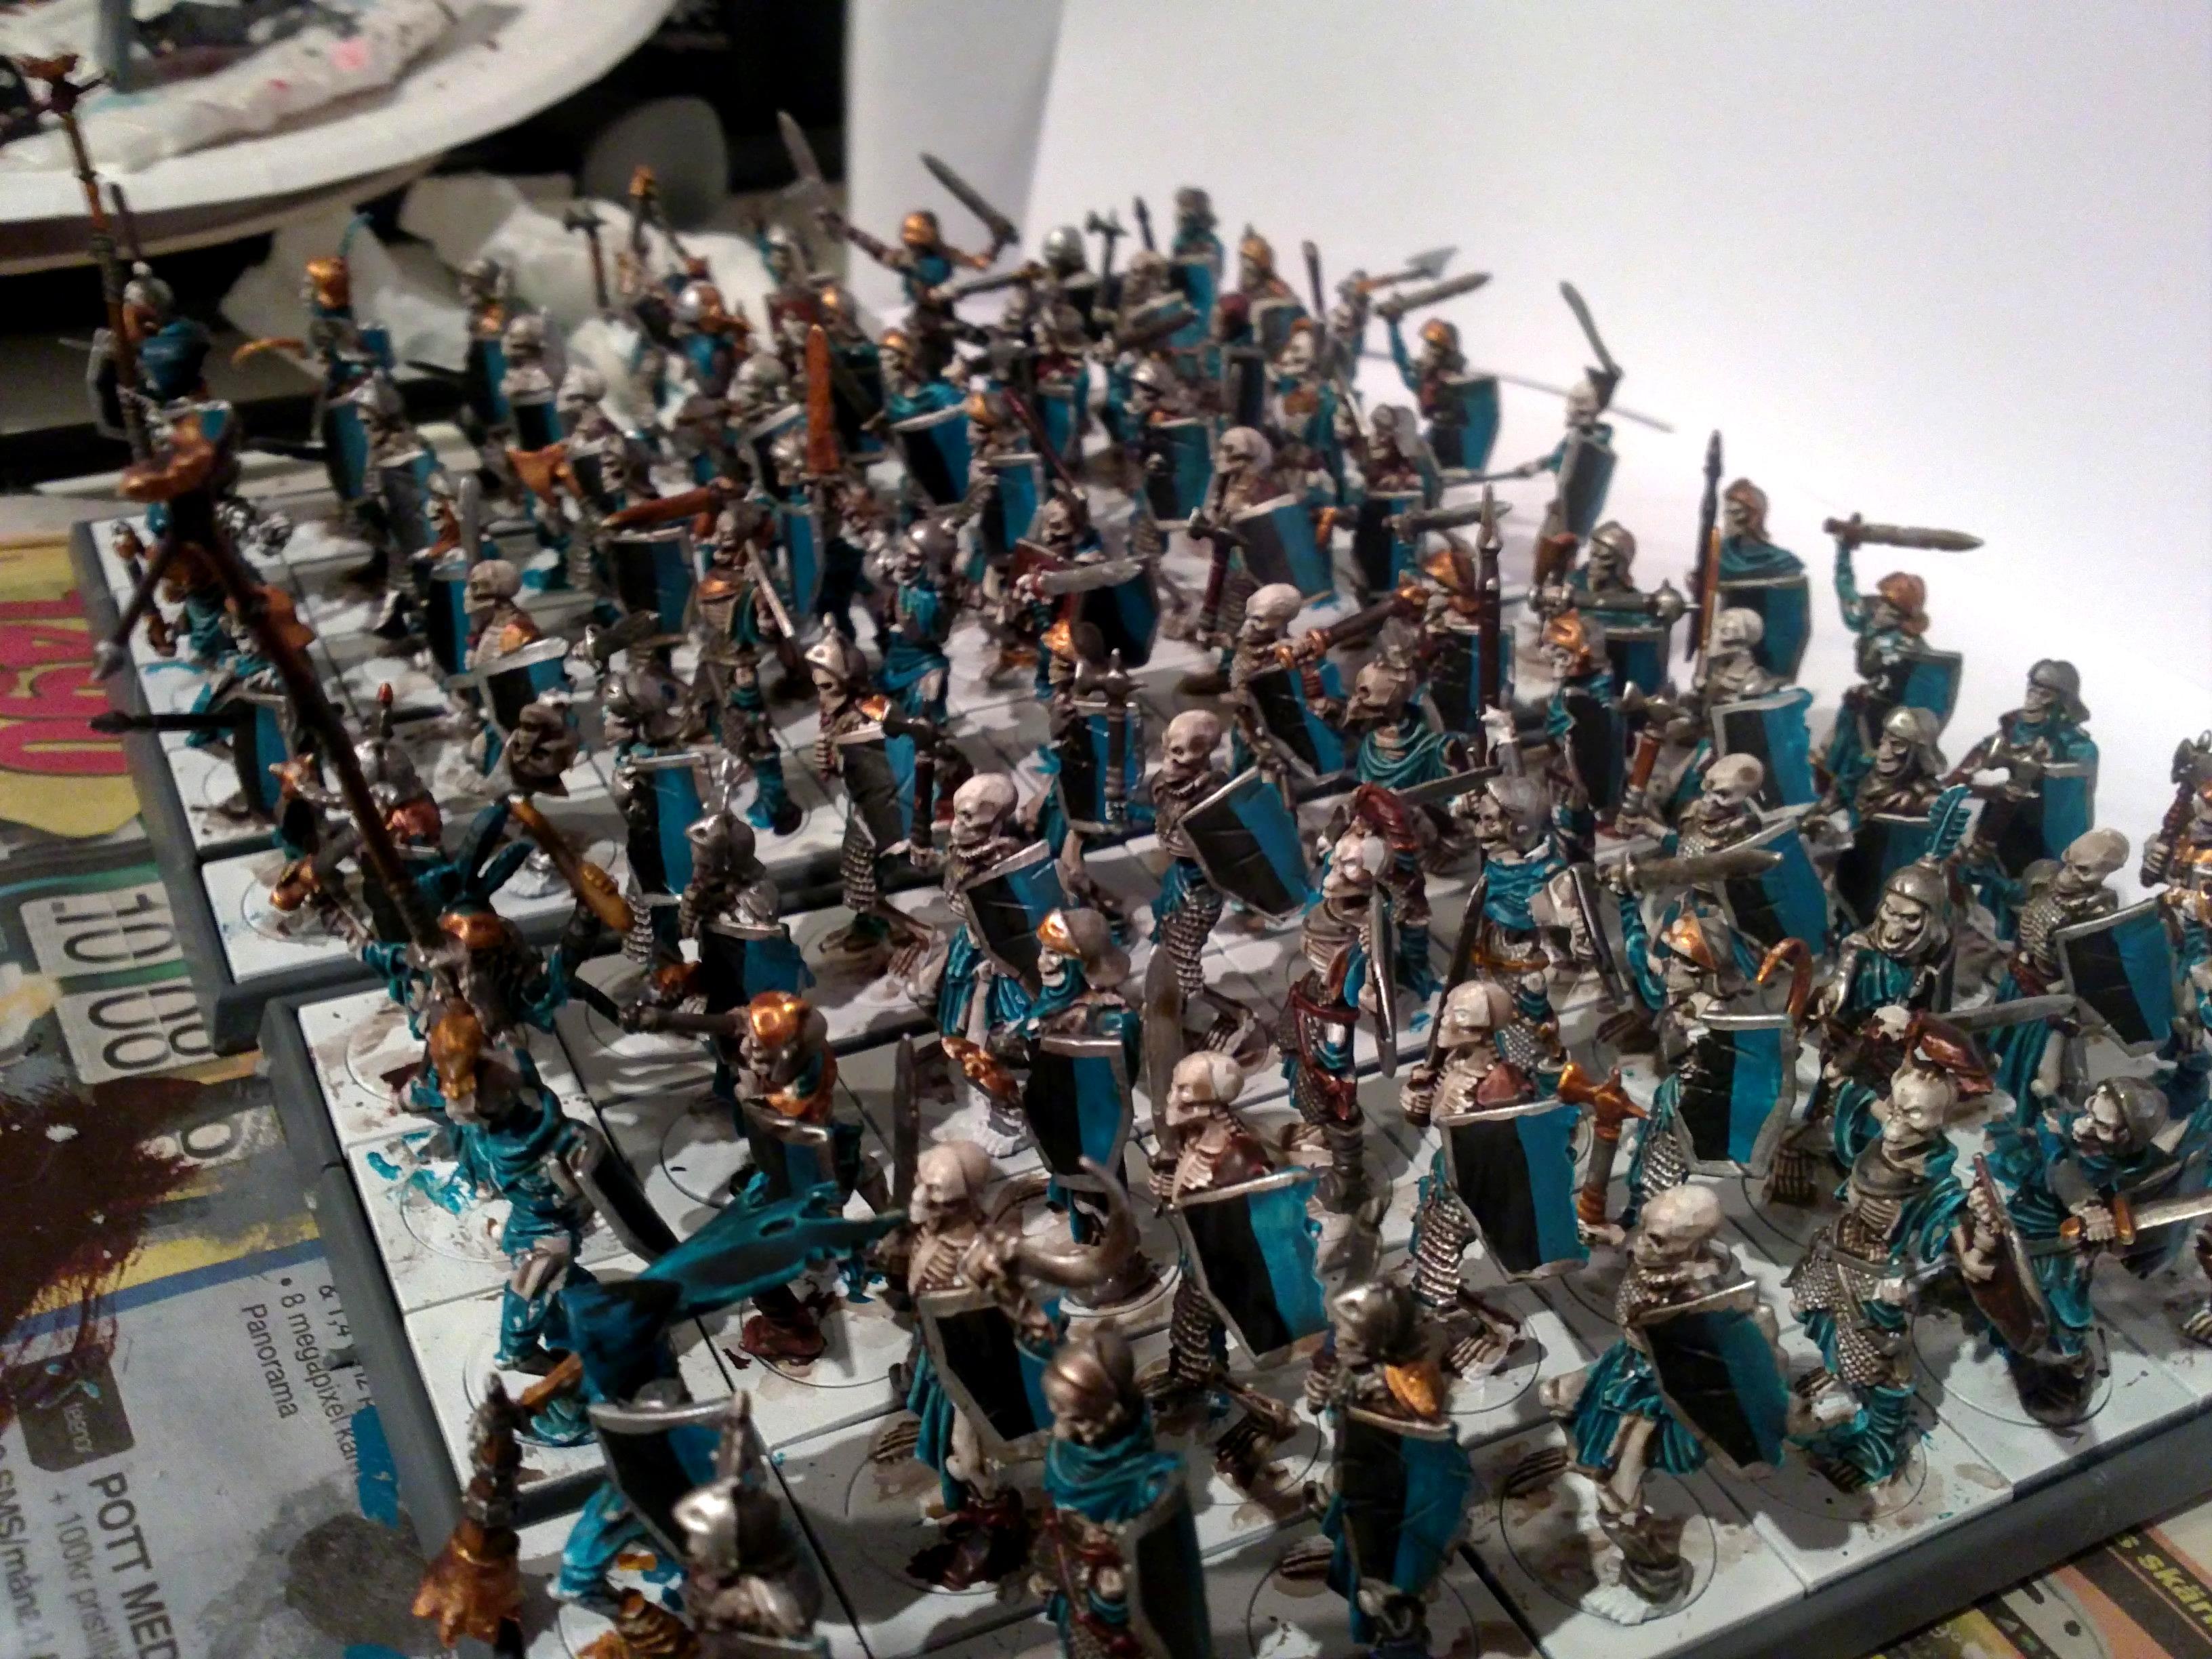 Horde, Mantic Games, Painted, Skeletons